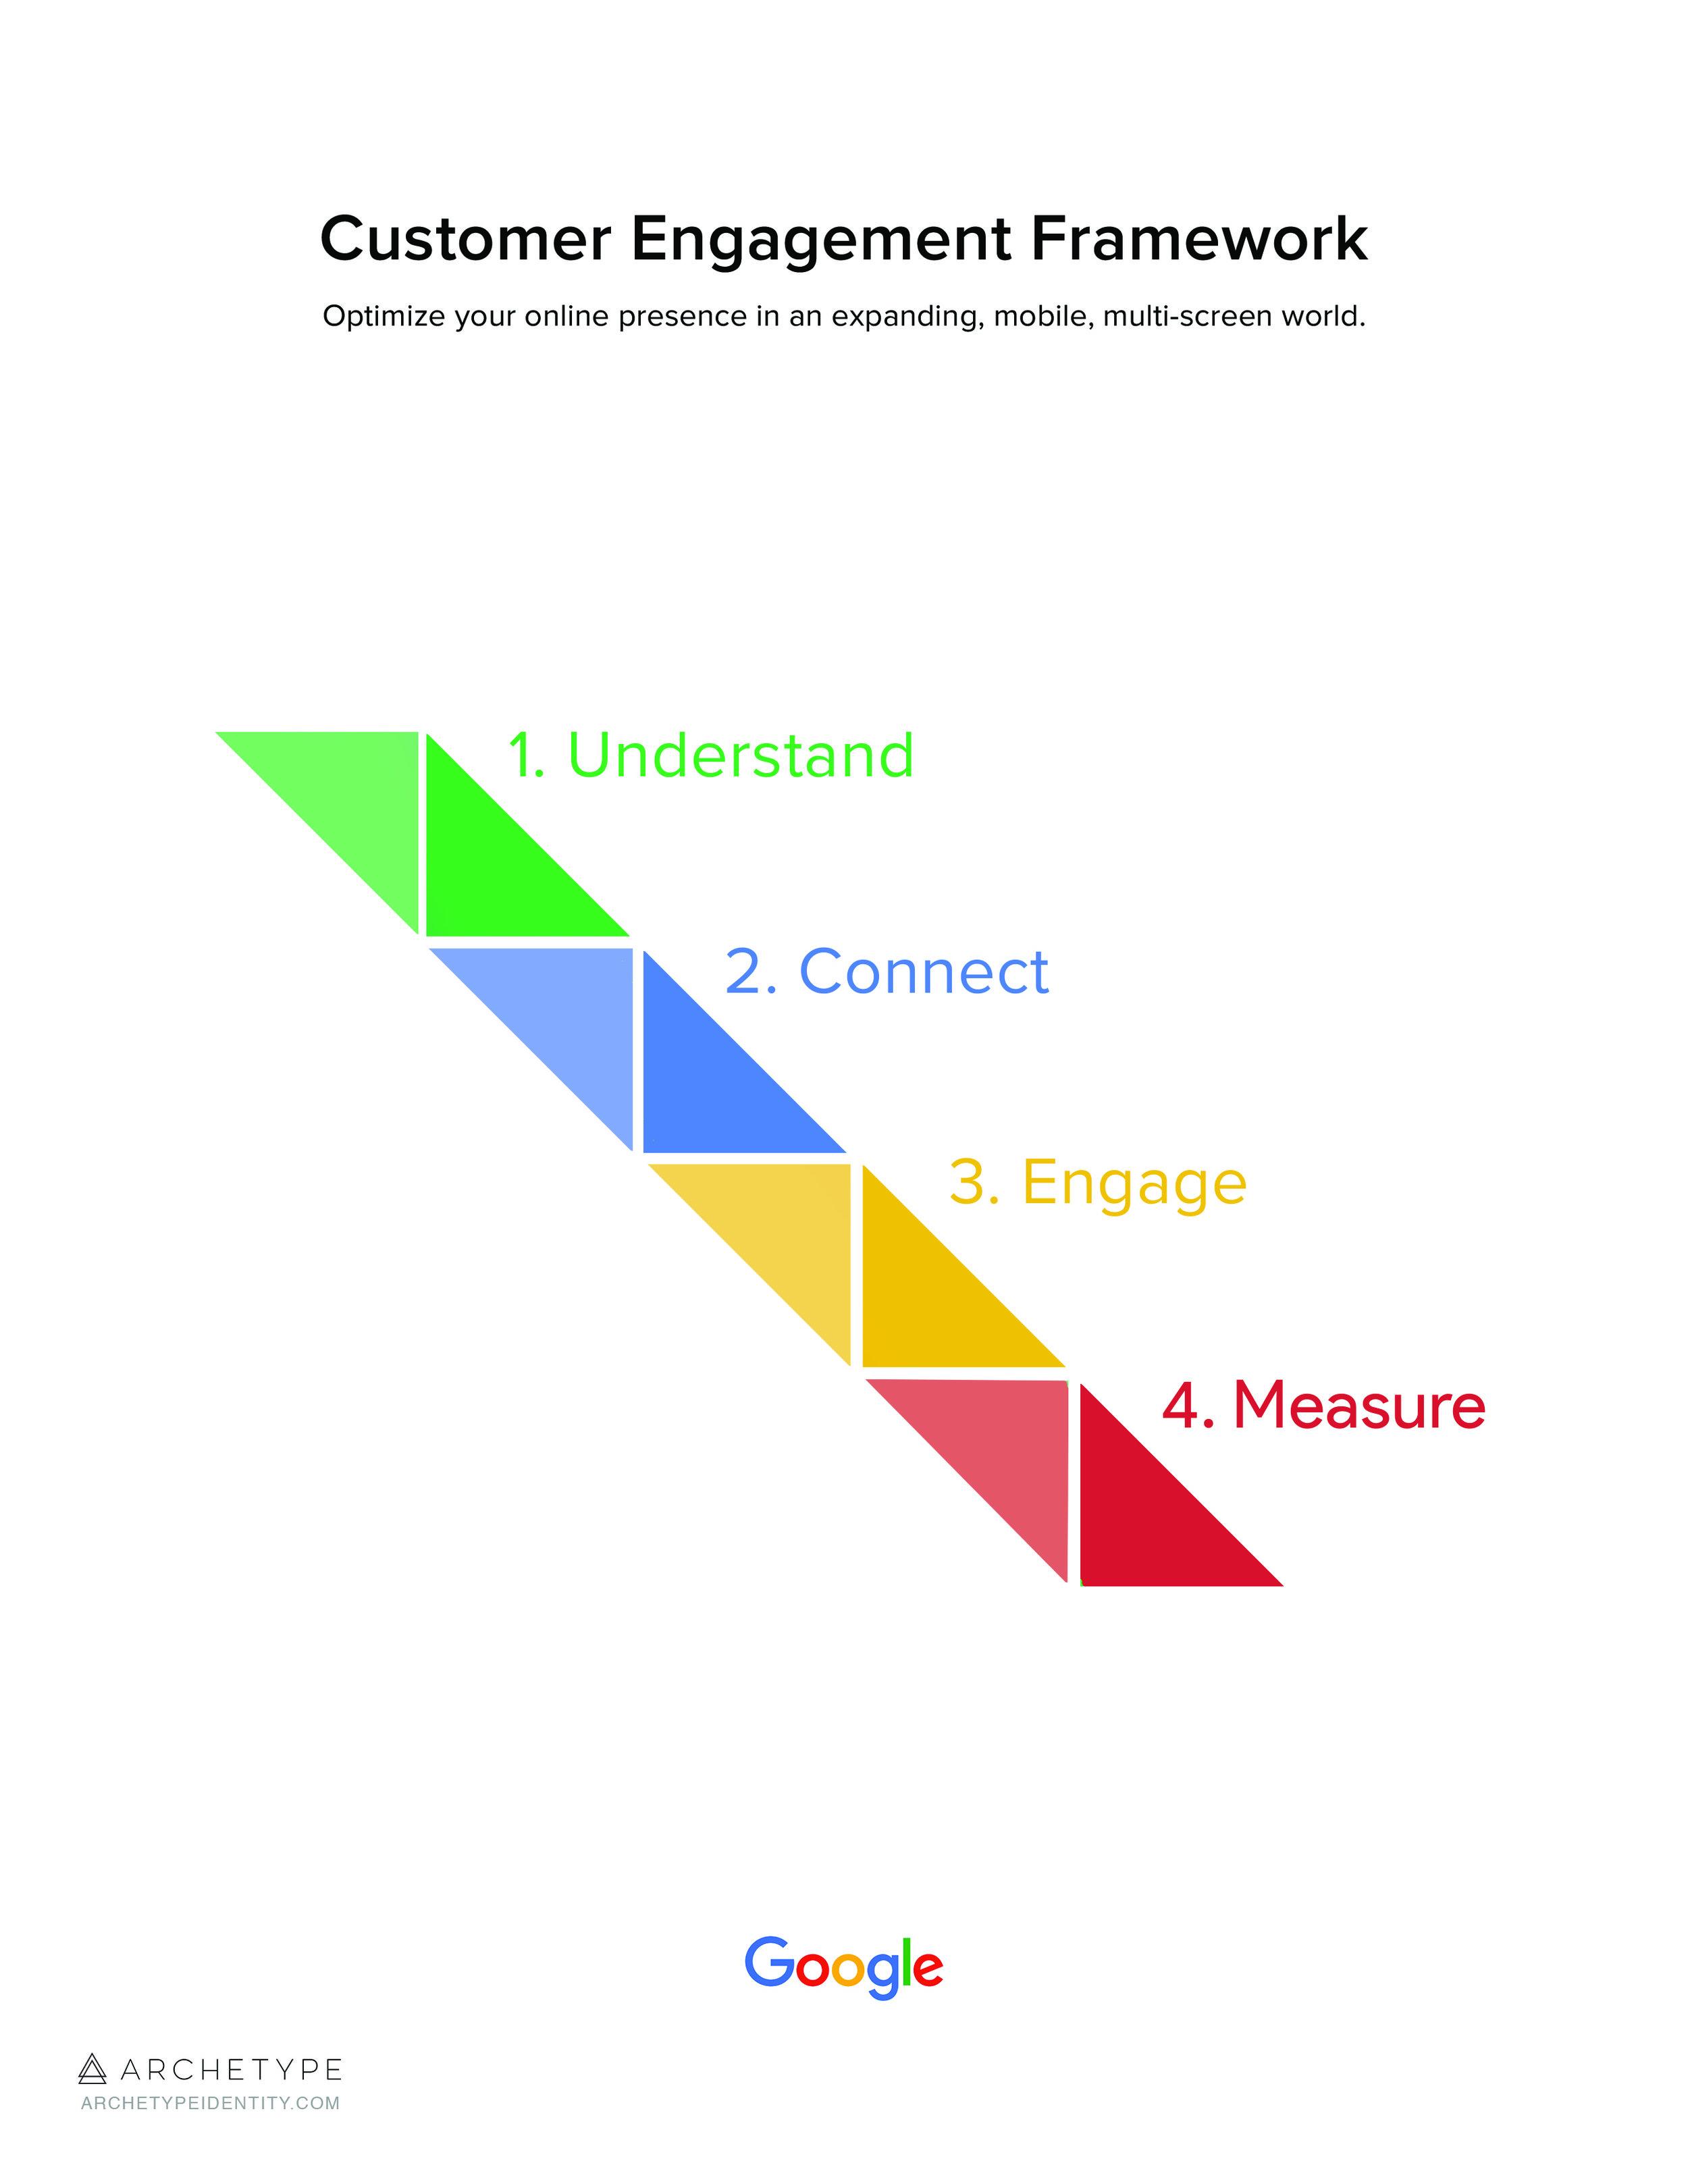 Google_CustomerEngagement.jpg